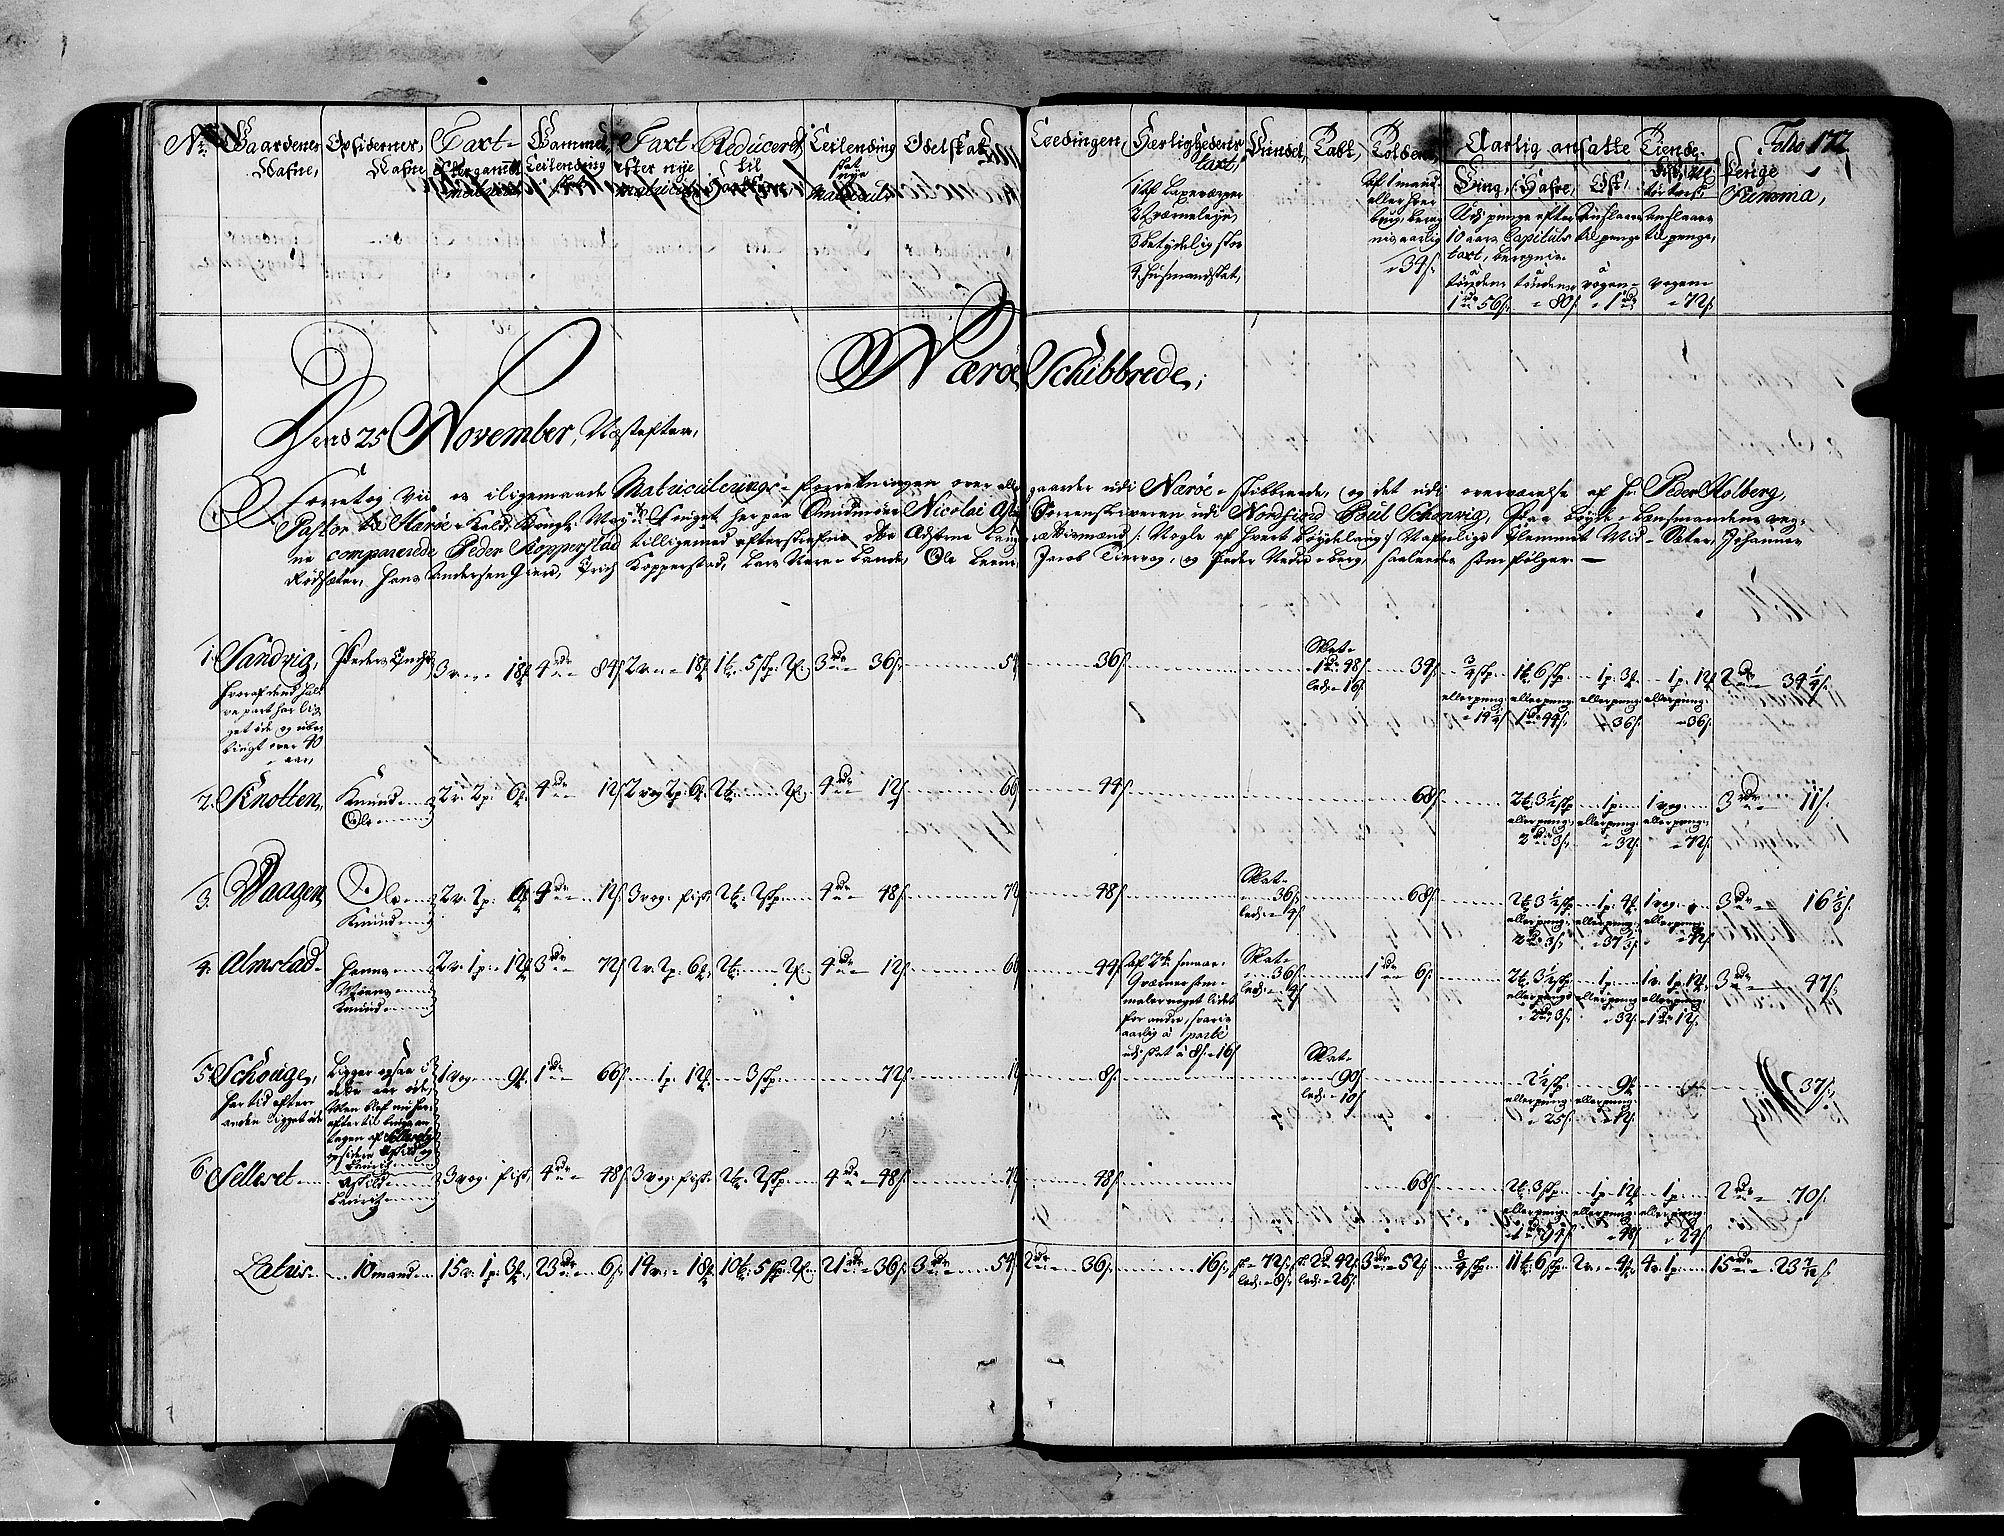 RA, Rentekammeret inntil 1814, Realistisk ordnet avdeling, N/Nb/Nbf/L0151: Sunnmøre matrikkelprotokoll, 1724, s. 171b-172a